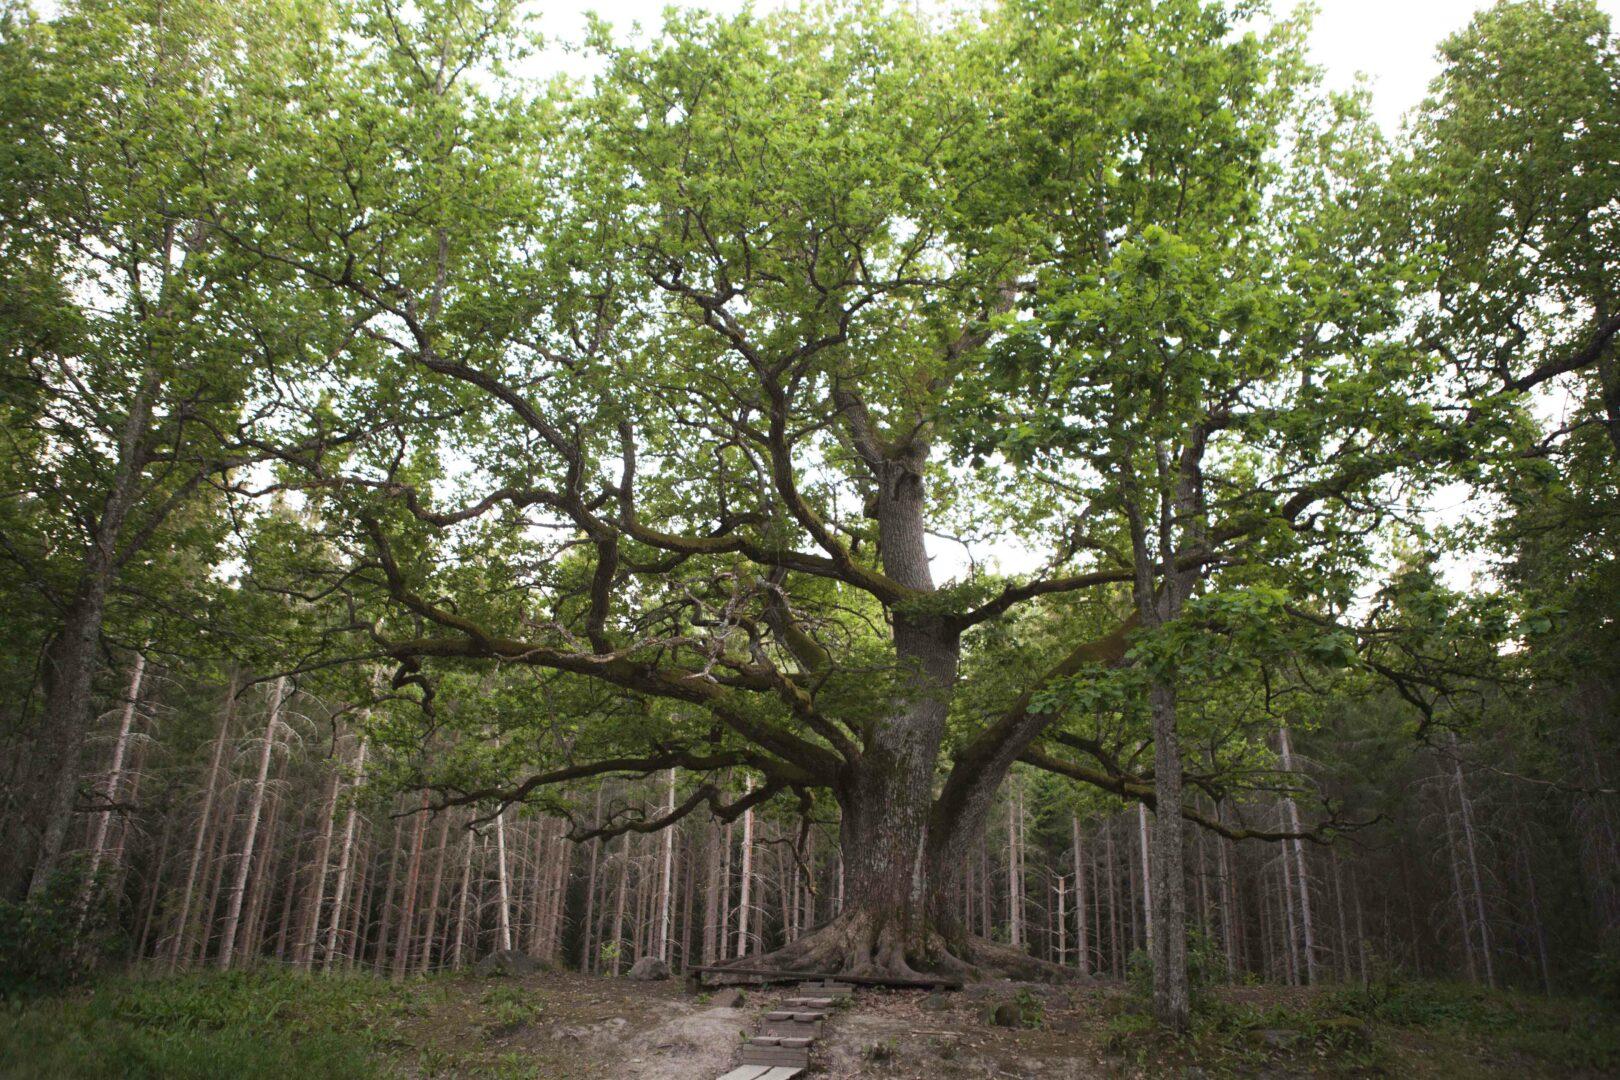 Paavolan tammen iäksi on arvioitu 300–400 vuotta.